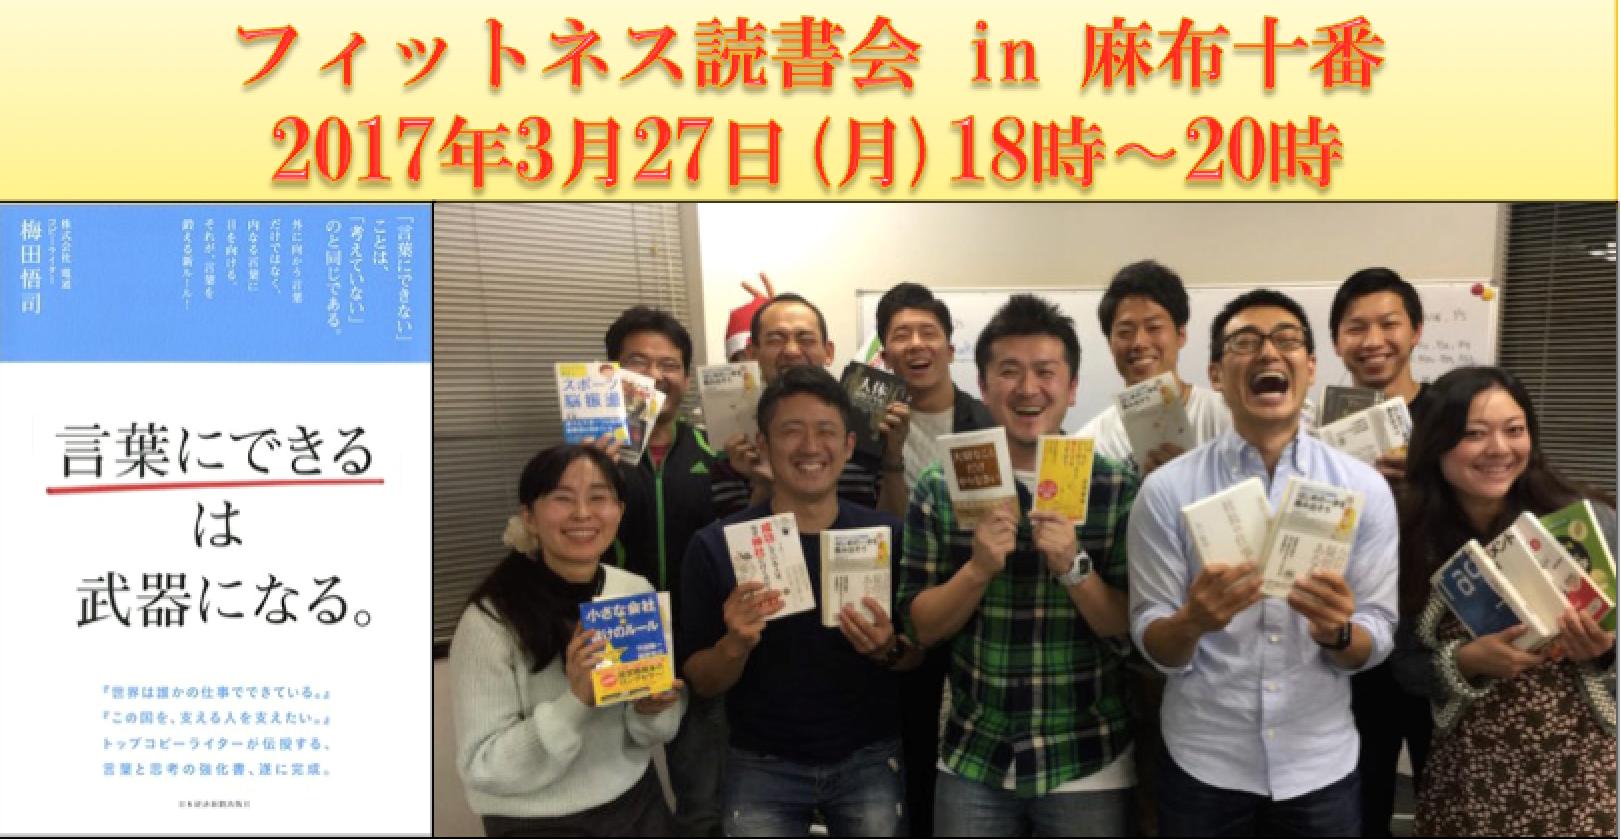 3月27日(月)18時〜20時フィットネス読書会開催します!